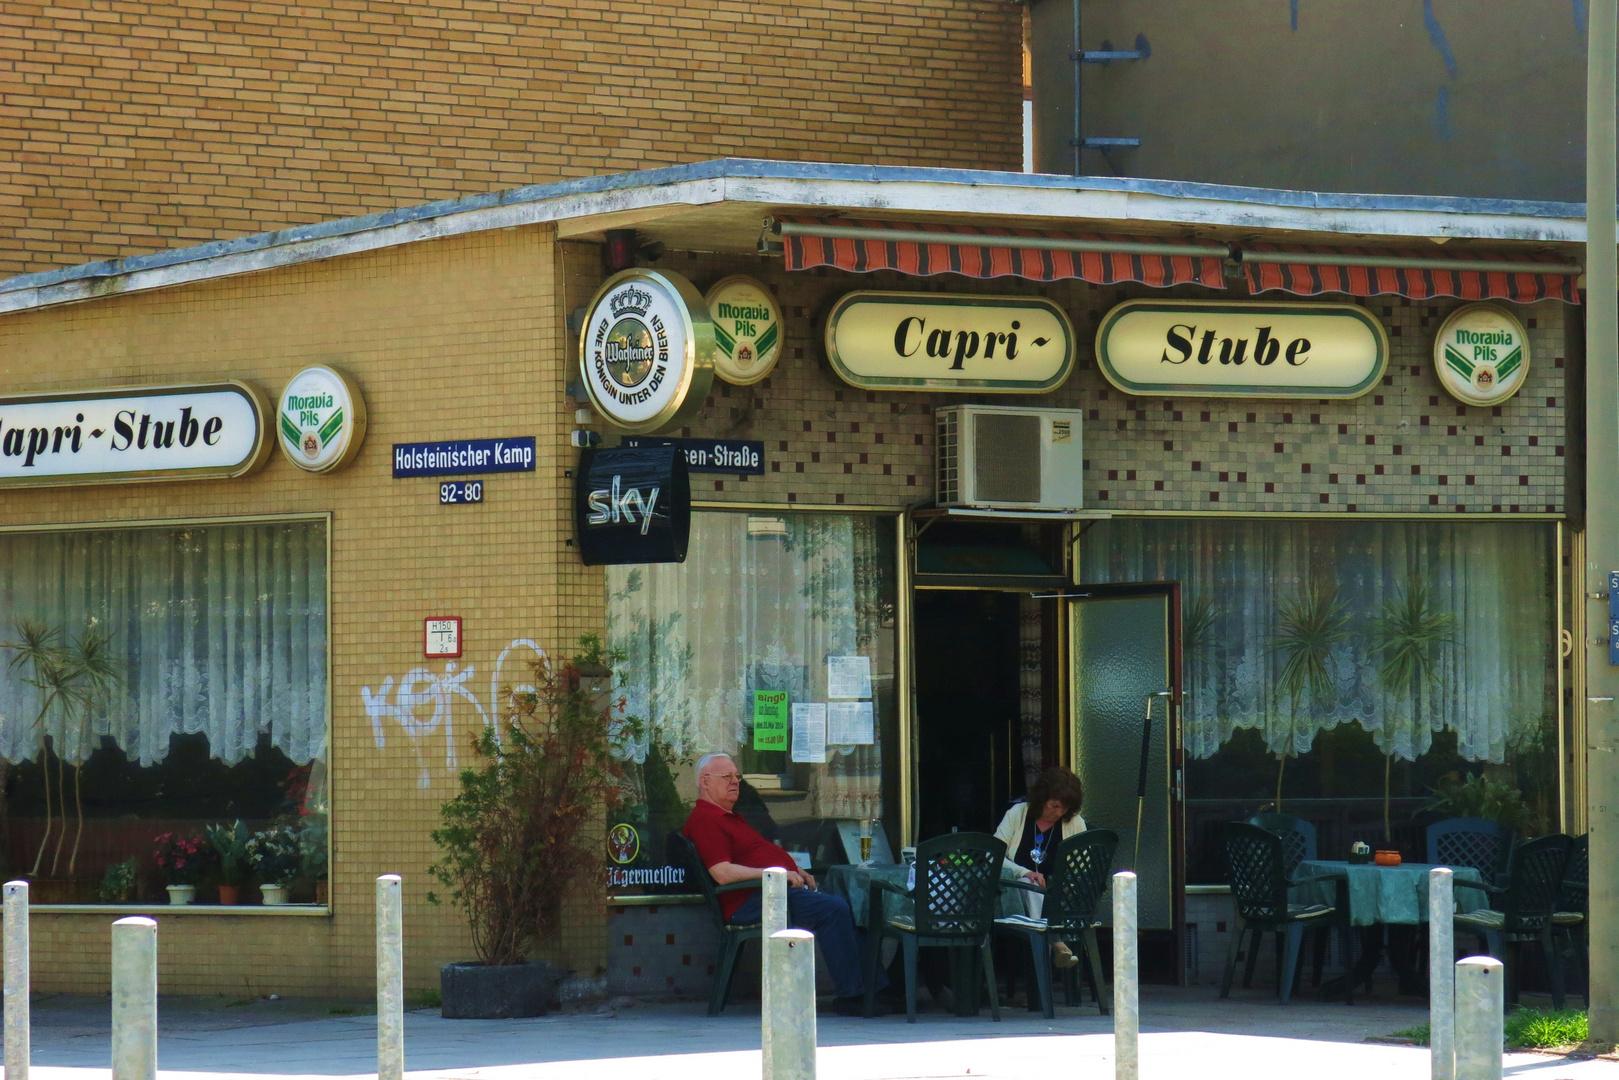 Capri Stuben